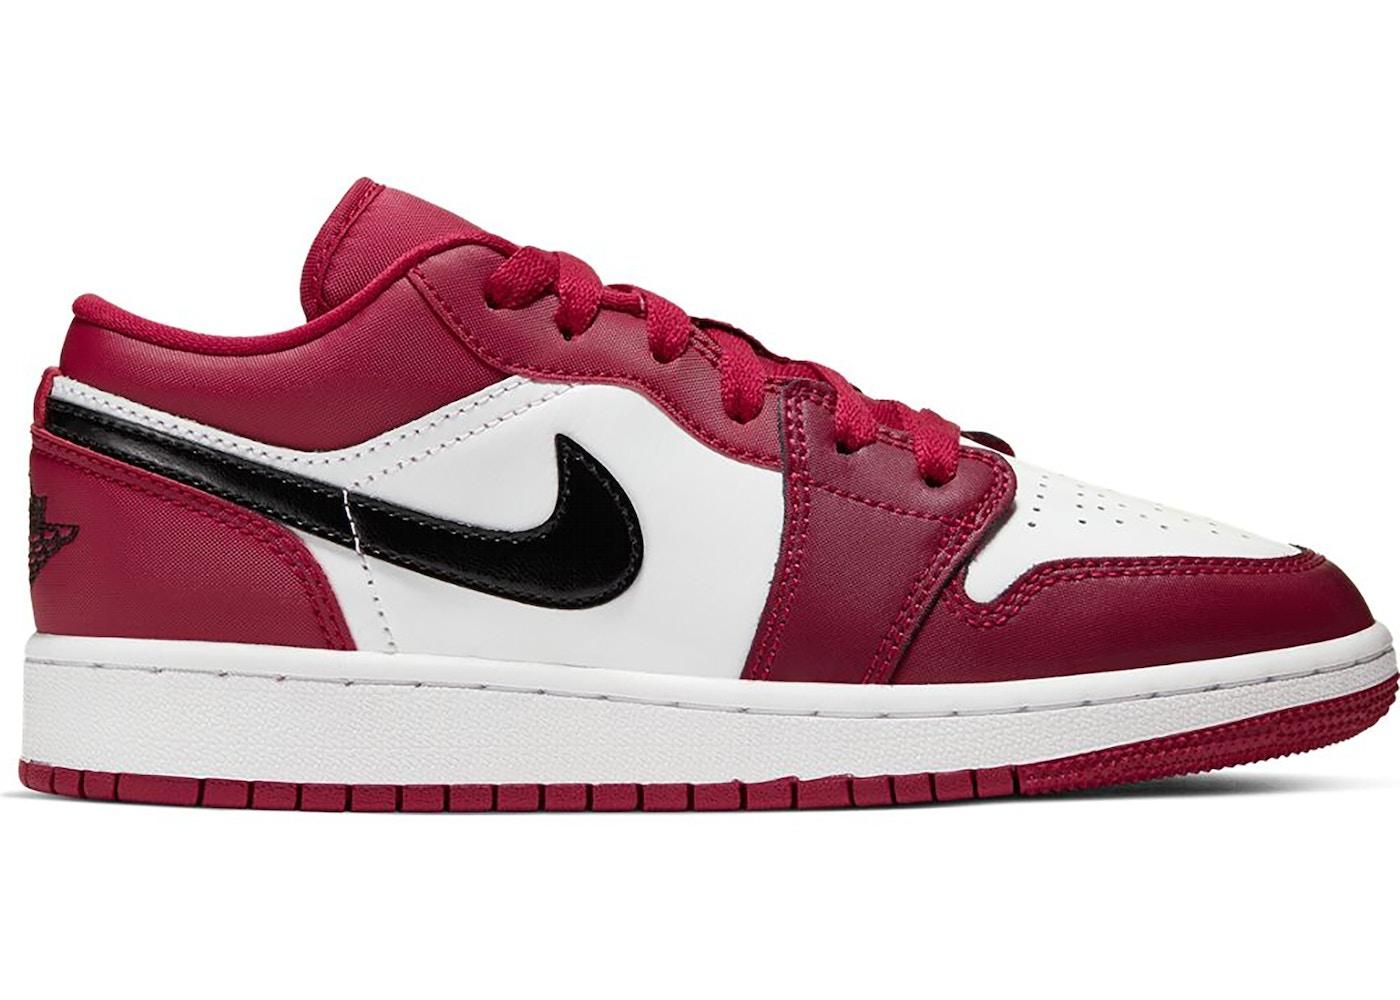 Jordan 1 Low Noble Red (GS)